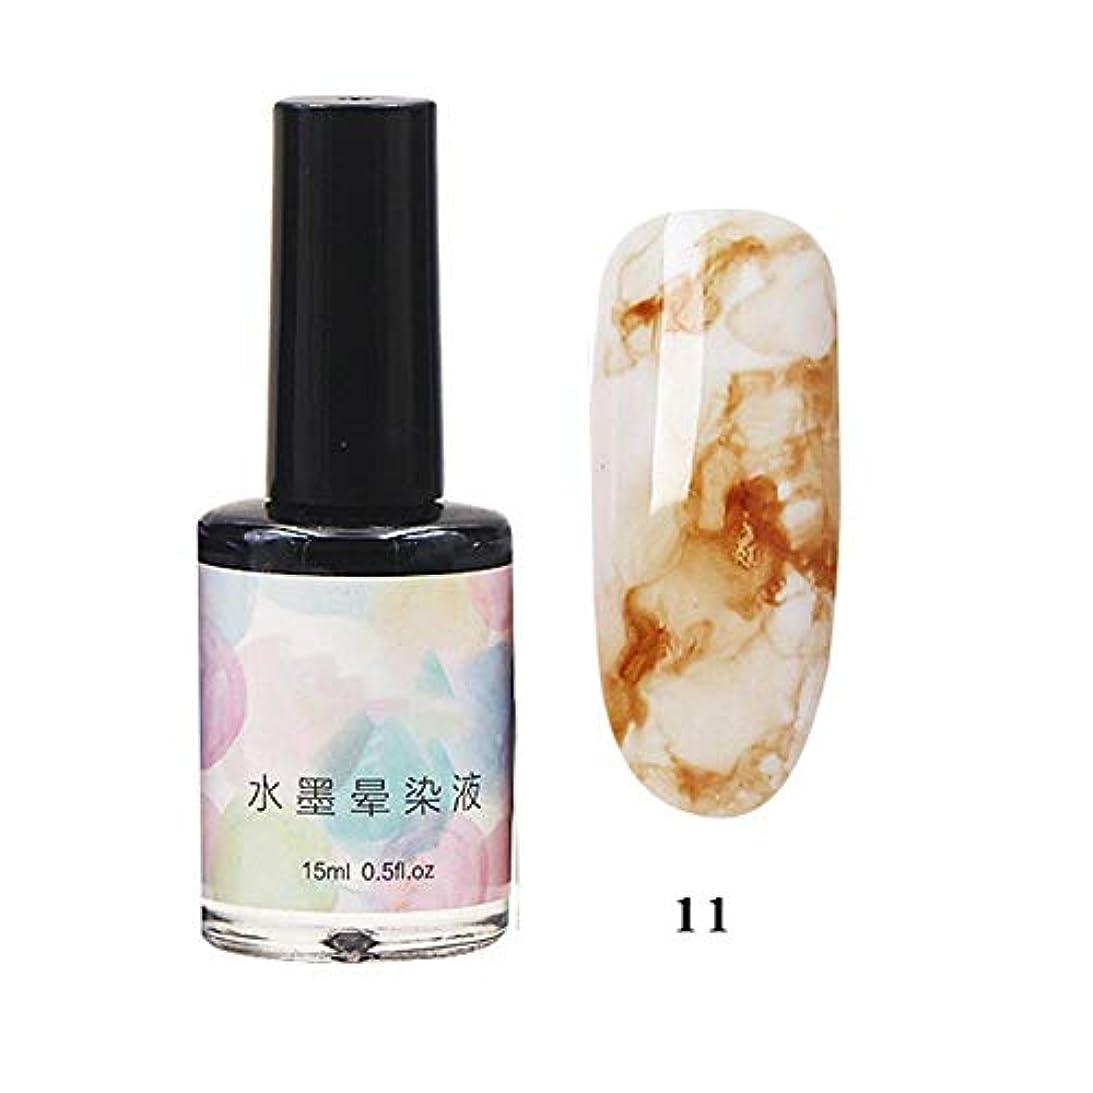 警告ルーチン戻る11色選べる ネイルポリッシュ マニキュア ネイルアート 美しい 水墨柄 ネイルカラー 液体 爪に塗って乾かす 初心者でも簡単に使用できる junexi